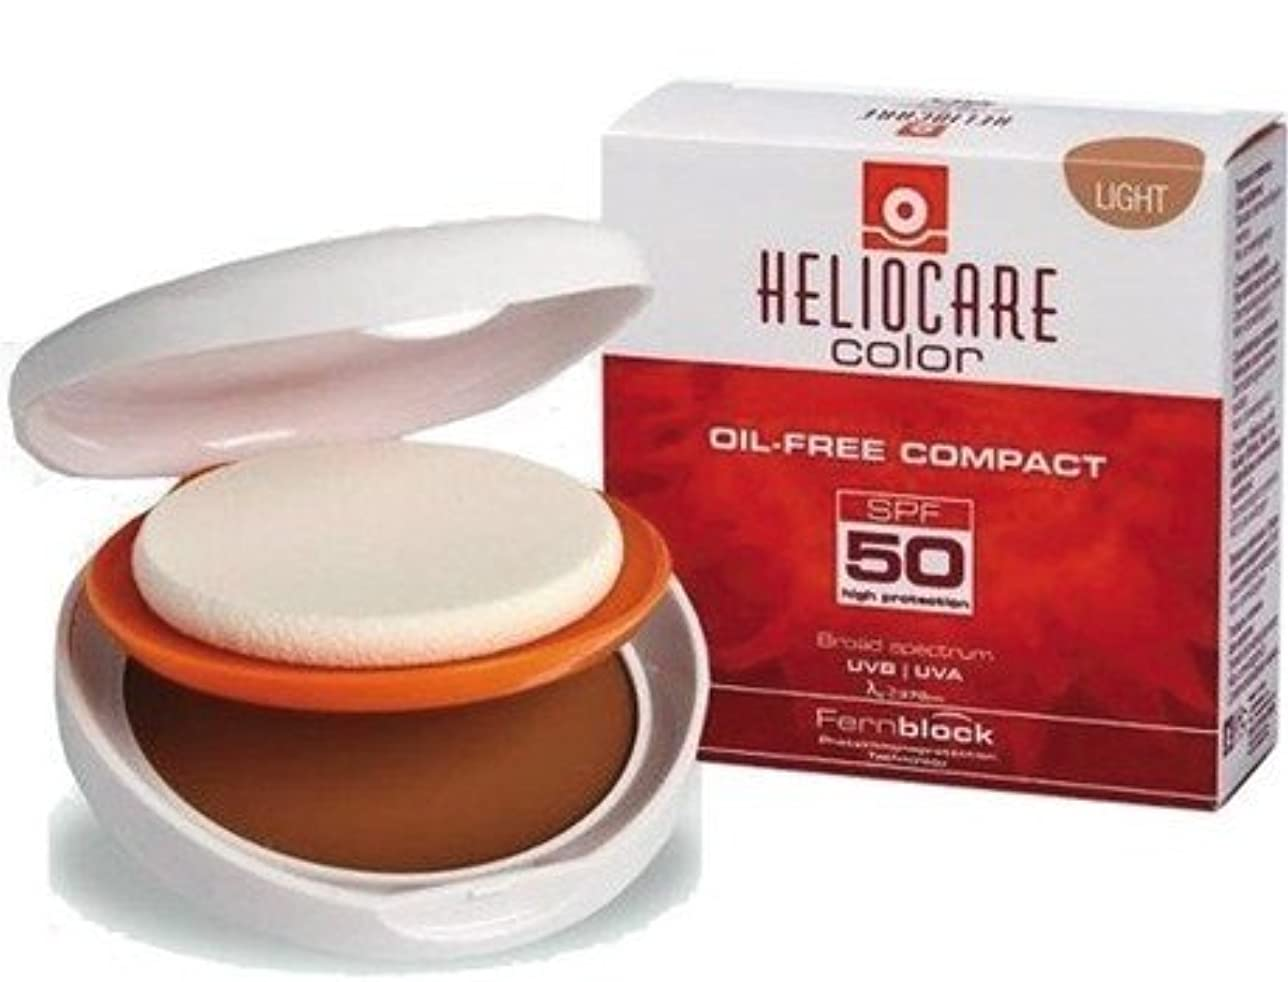 建築年コピーヘリオケア カラーオイル フリーコンパクト SPF50 ライト HELIOCARE COLOR OIL FREE COMPACT SPF50 LIGHT